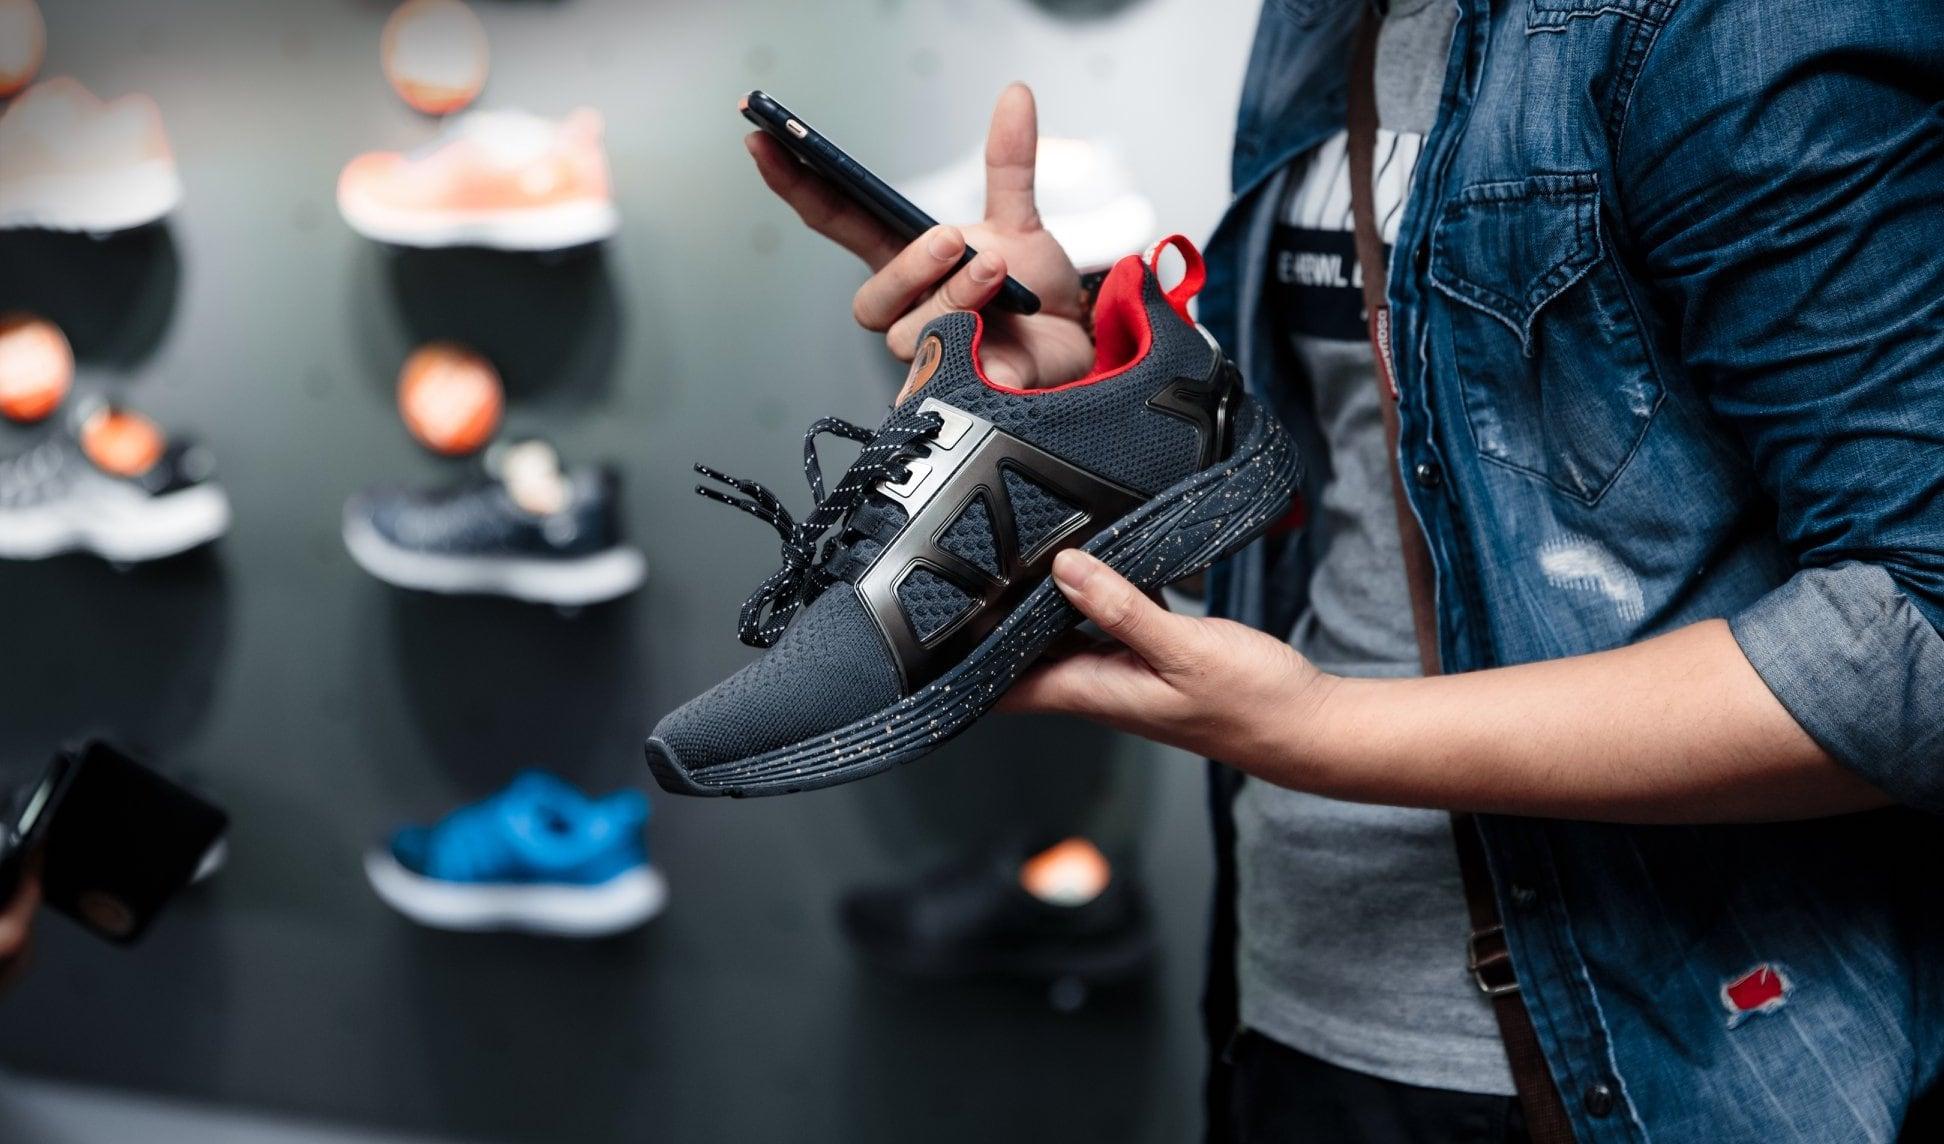 Chủ shop phải làm gì khi muốn mở cửa hàng giày dép ?